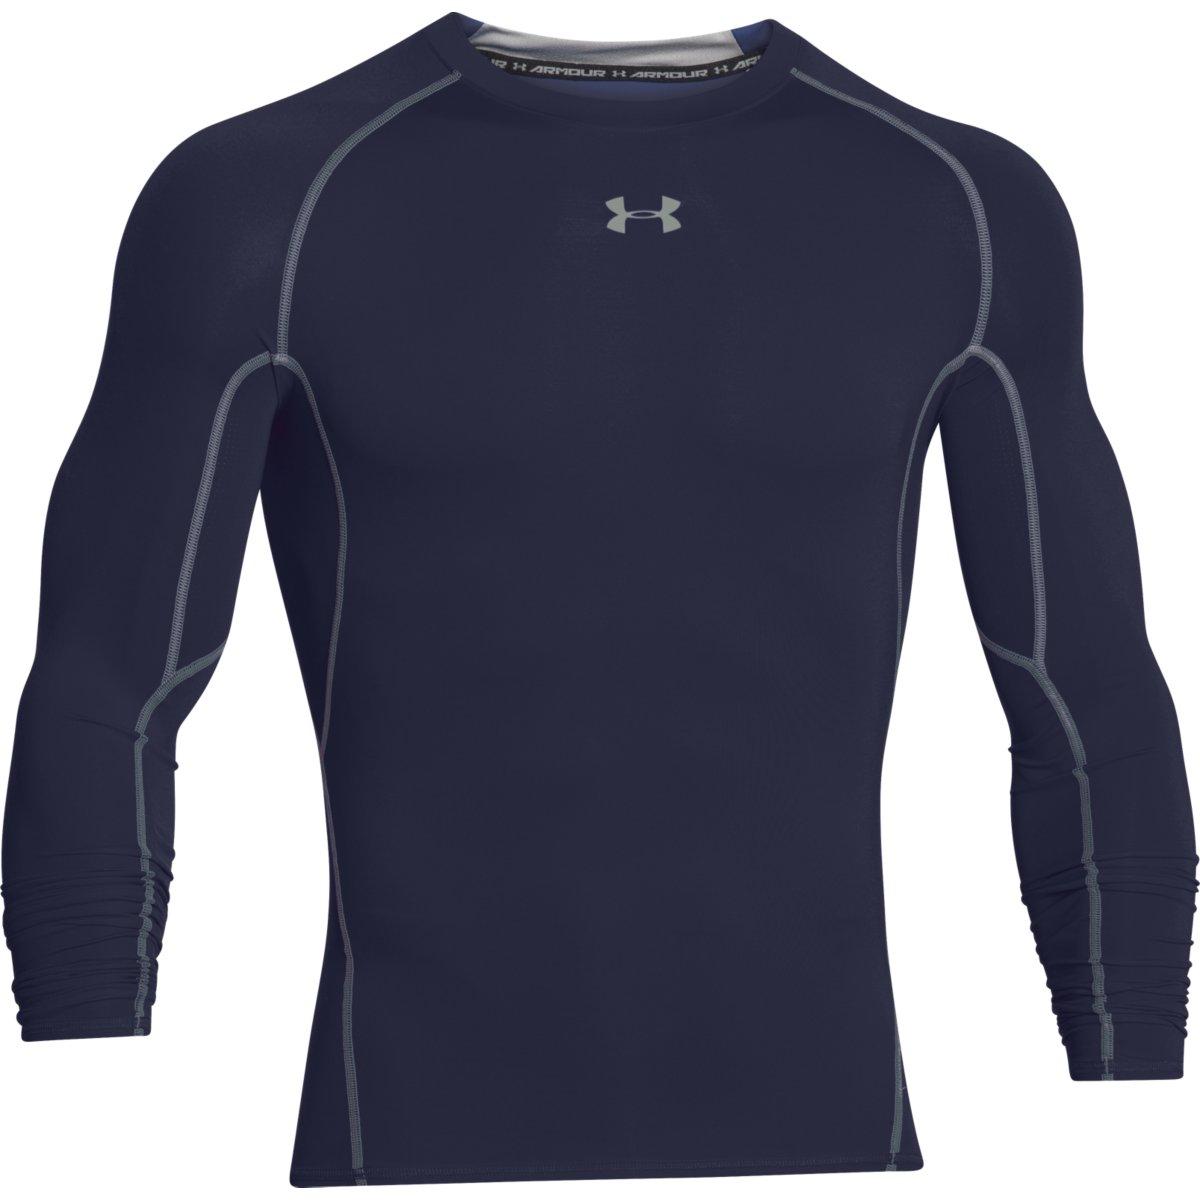 חולצה אנדר ארמור שרוול ארוך לגבר 1257471-410   Under Armour Compression s long sleeve shirt